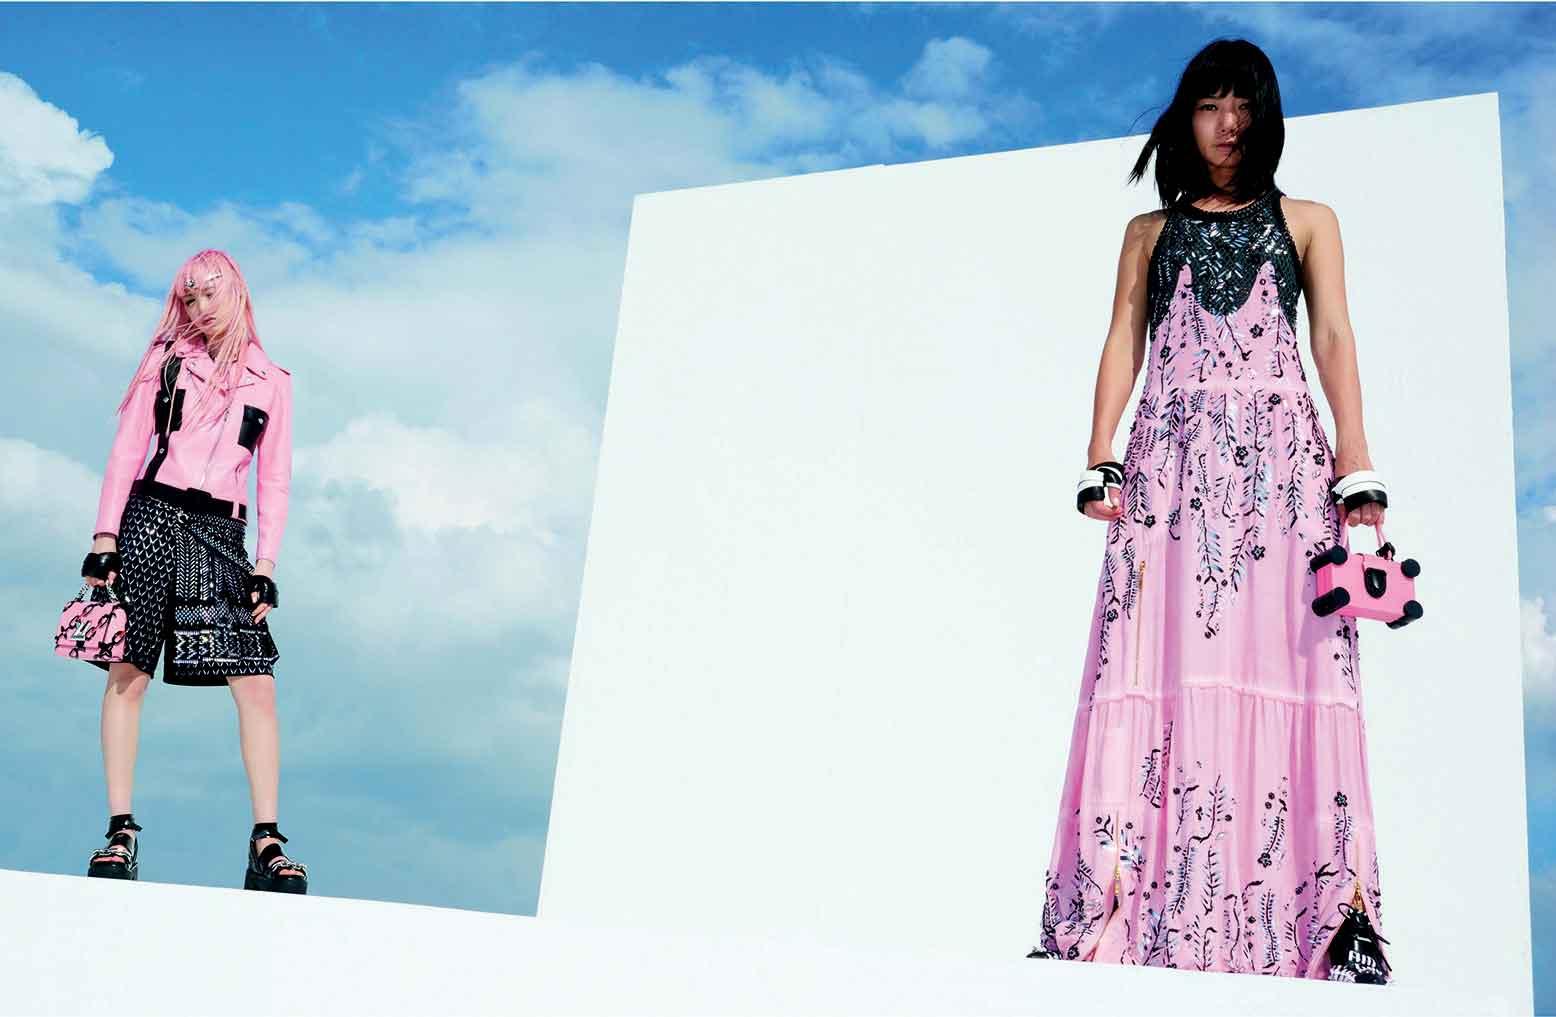 Fernanda Ly dan Doona Bae Menjadi Wajah Baru Kampanye Spring Summer 2016 Louis Vuitton